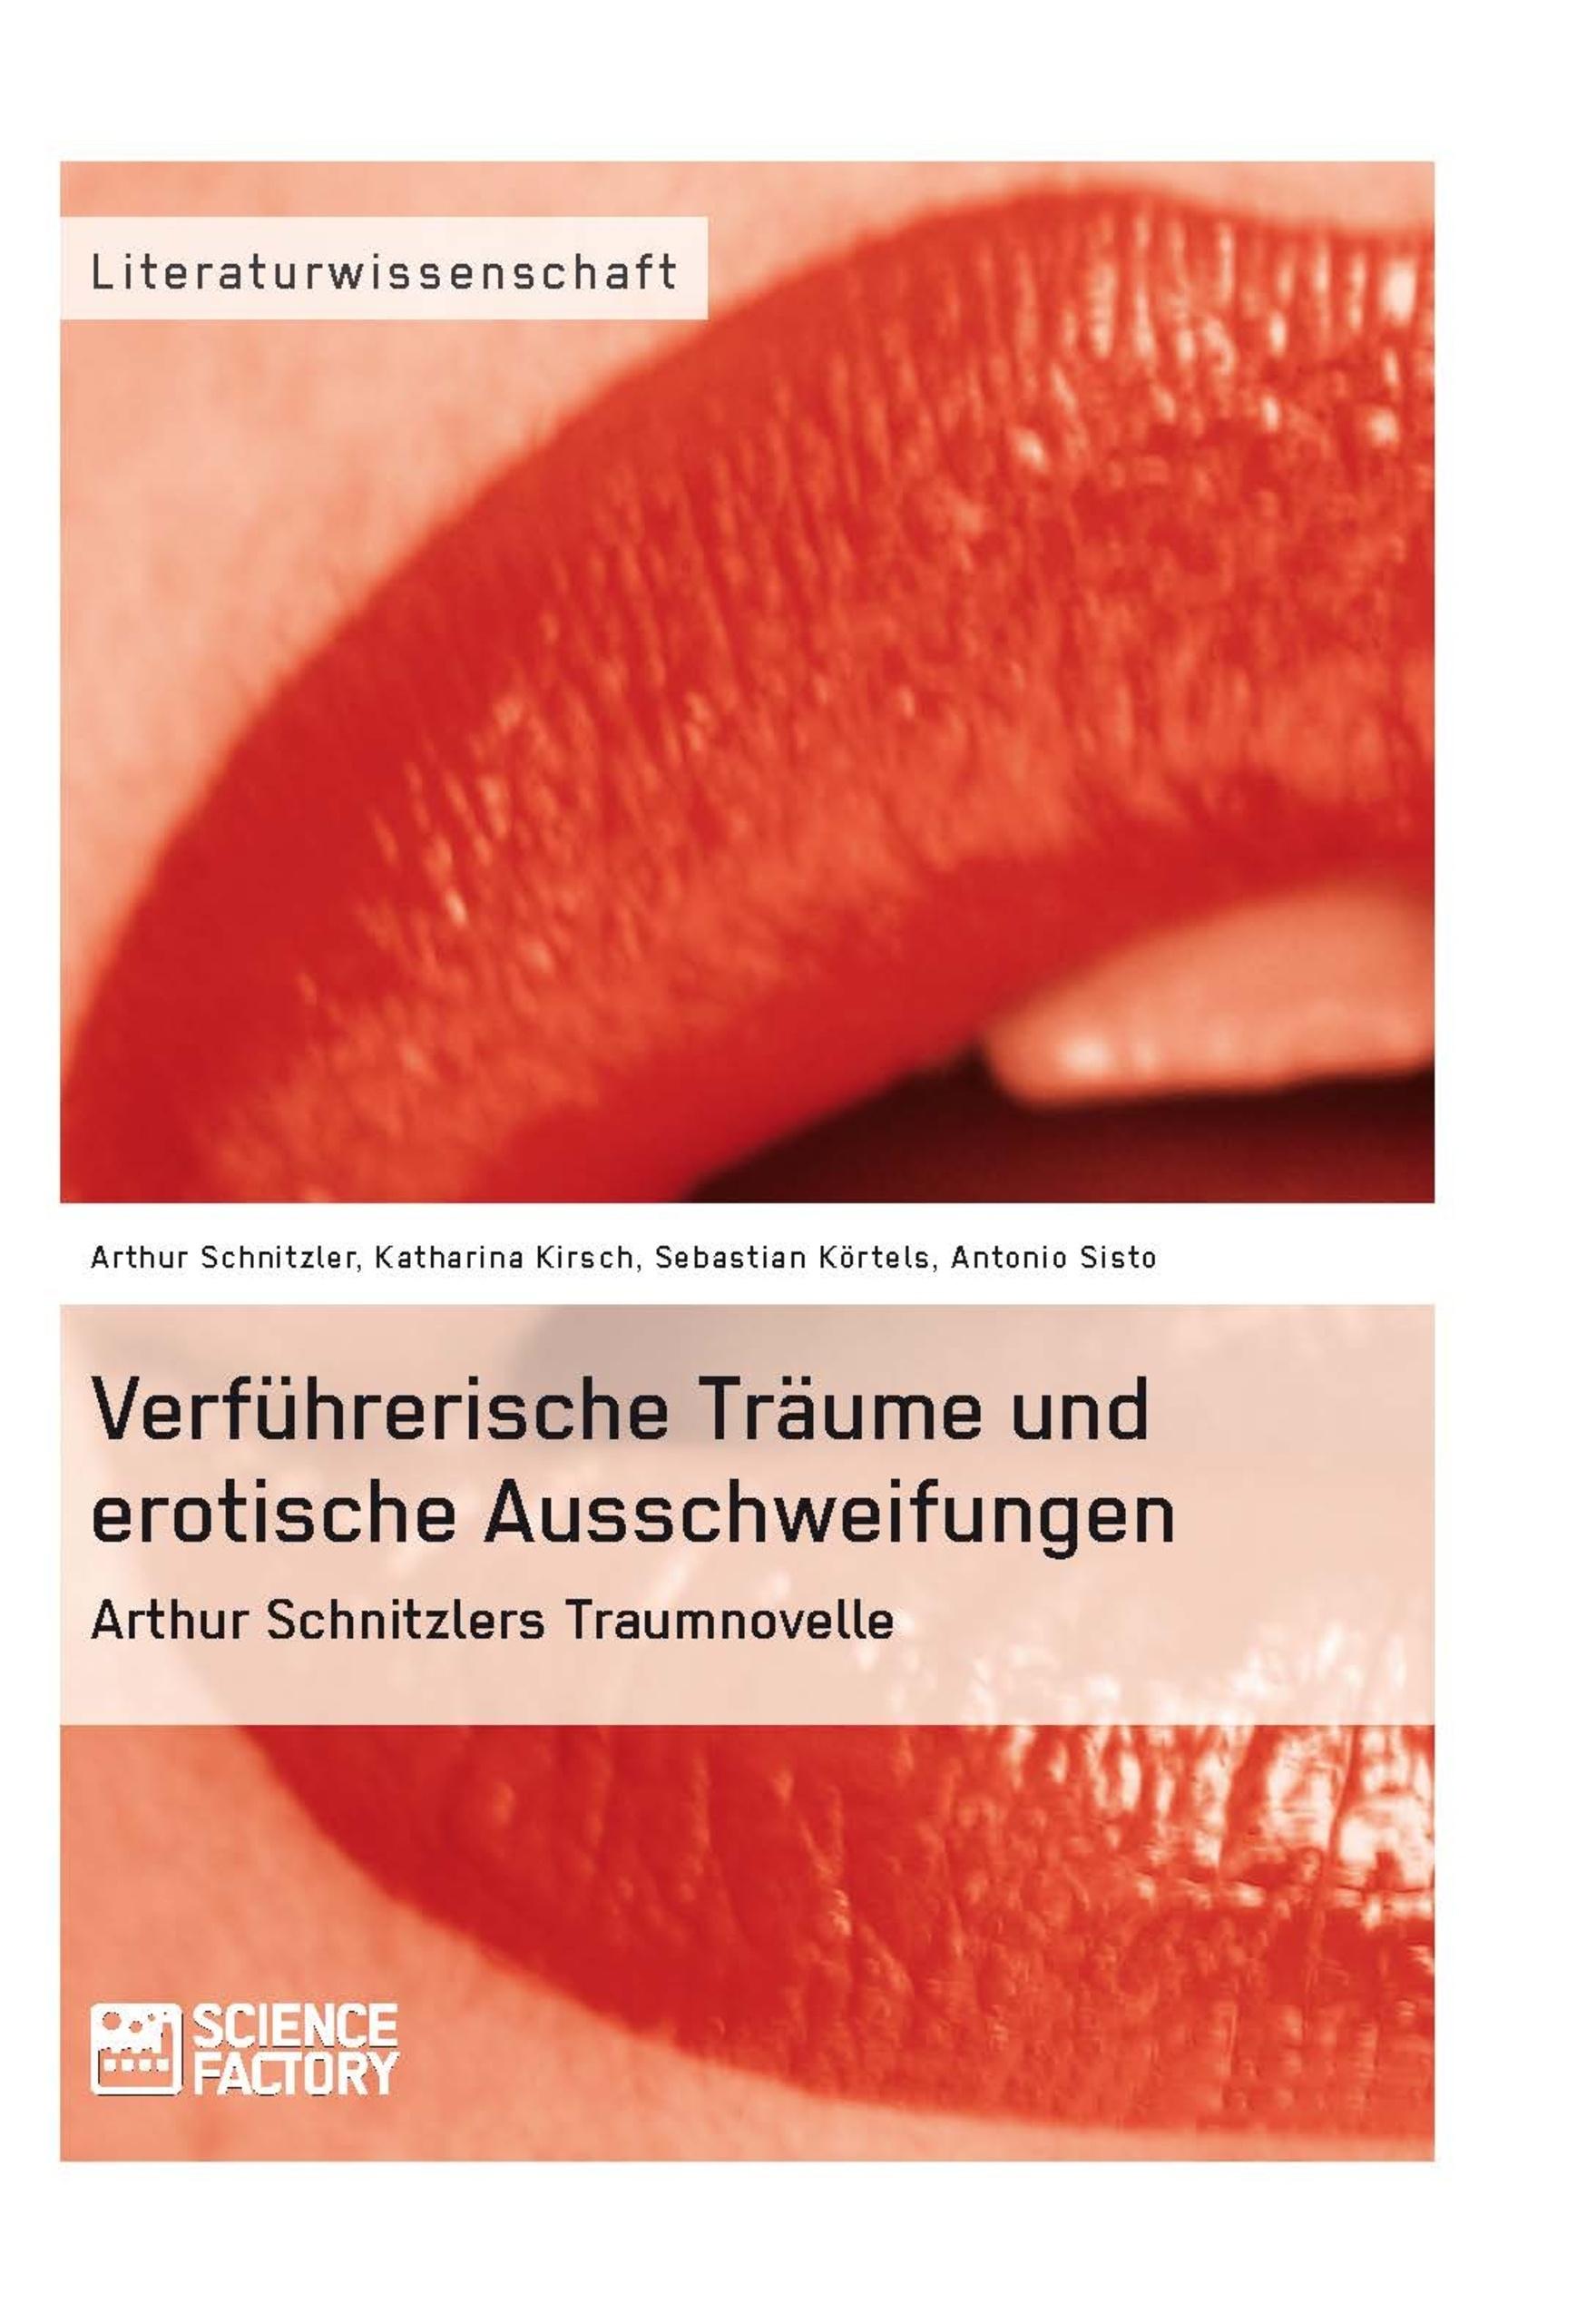 Titel: Verführerische Träume und erotische Ausschweifungen. Arthur Schnitzlers Traumnovelle